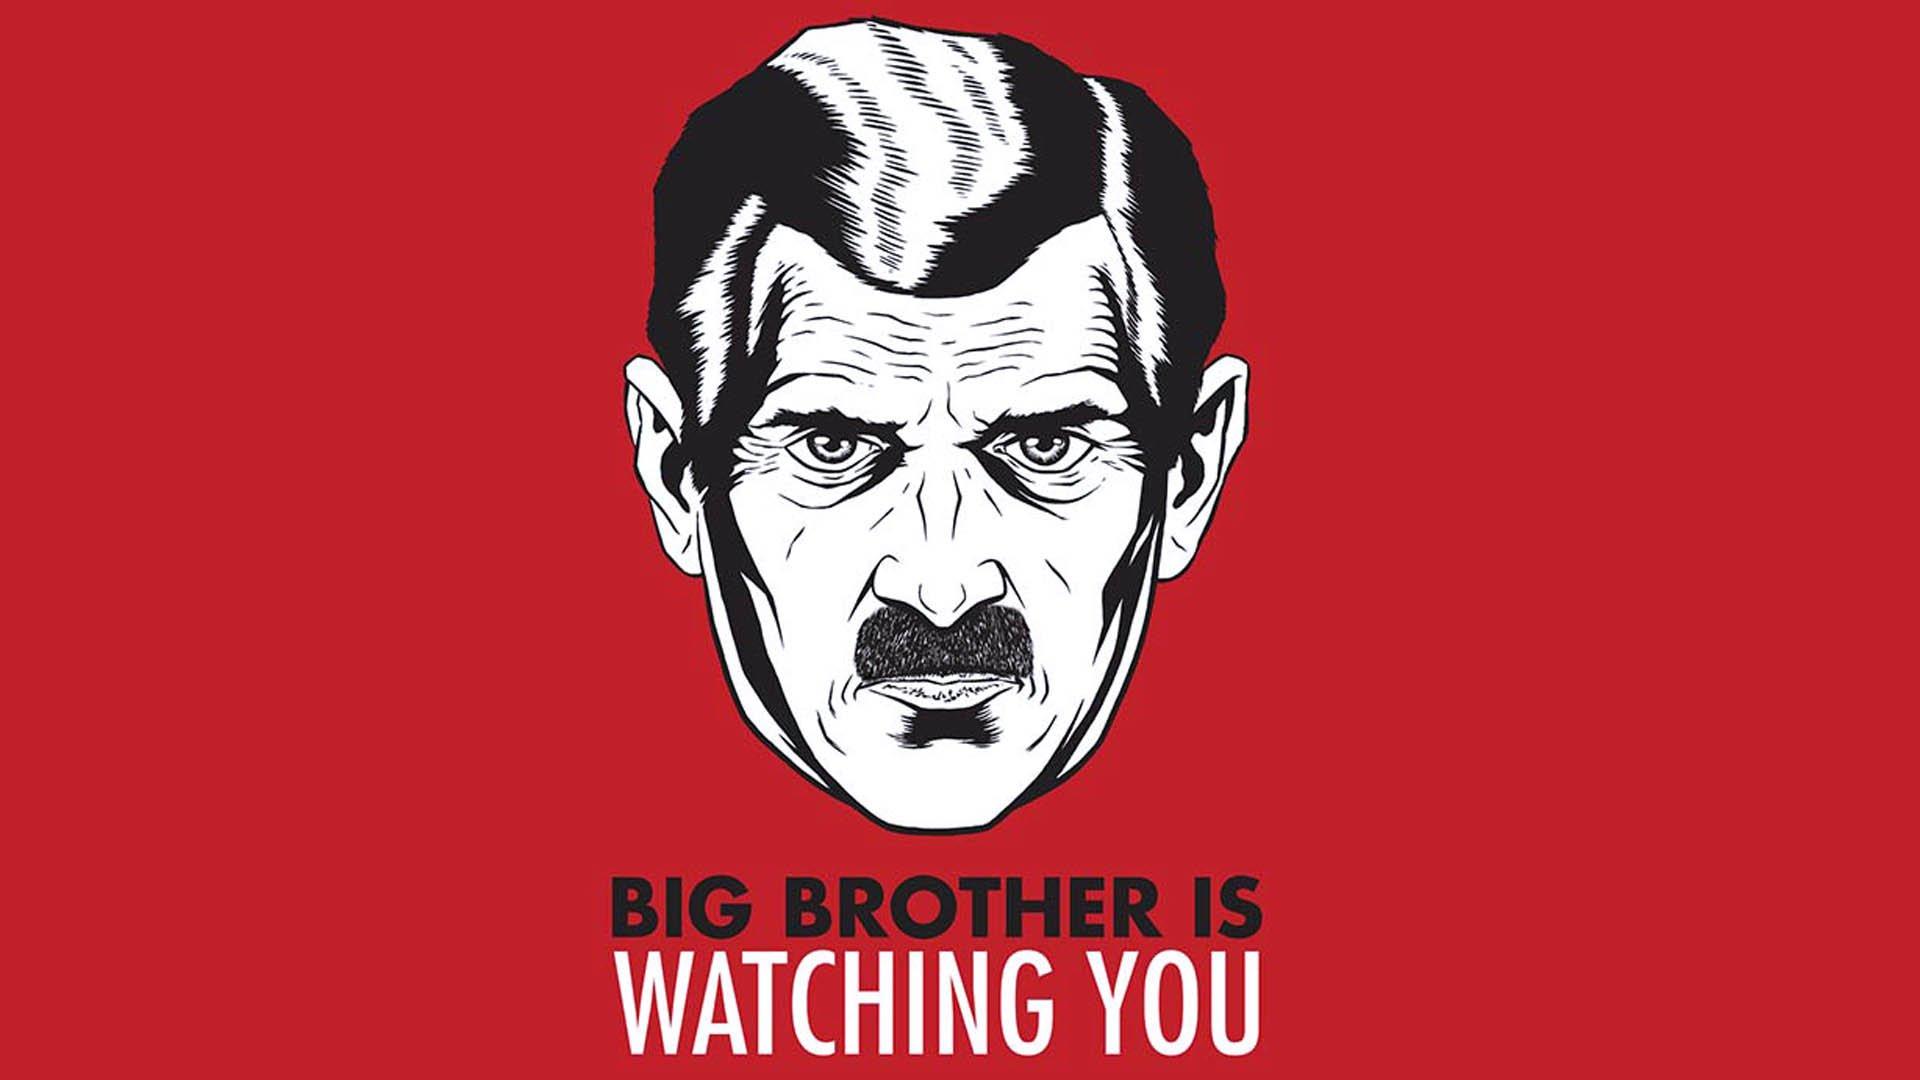 Il Grande Fratello di 1984 di George Orwell